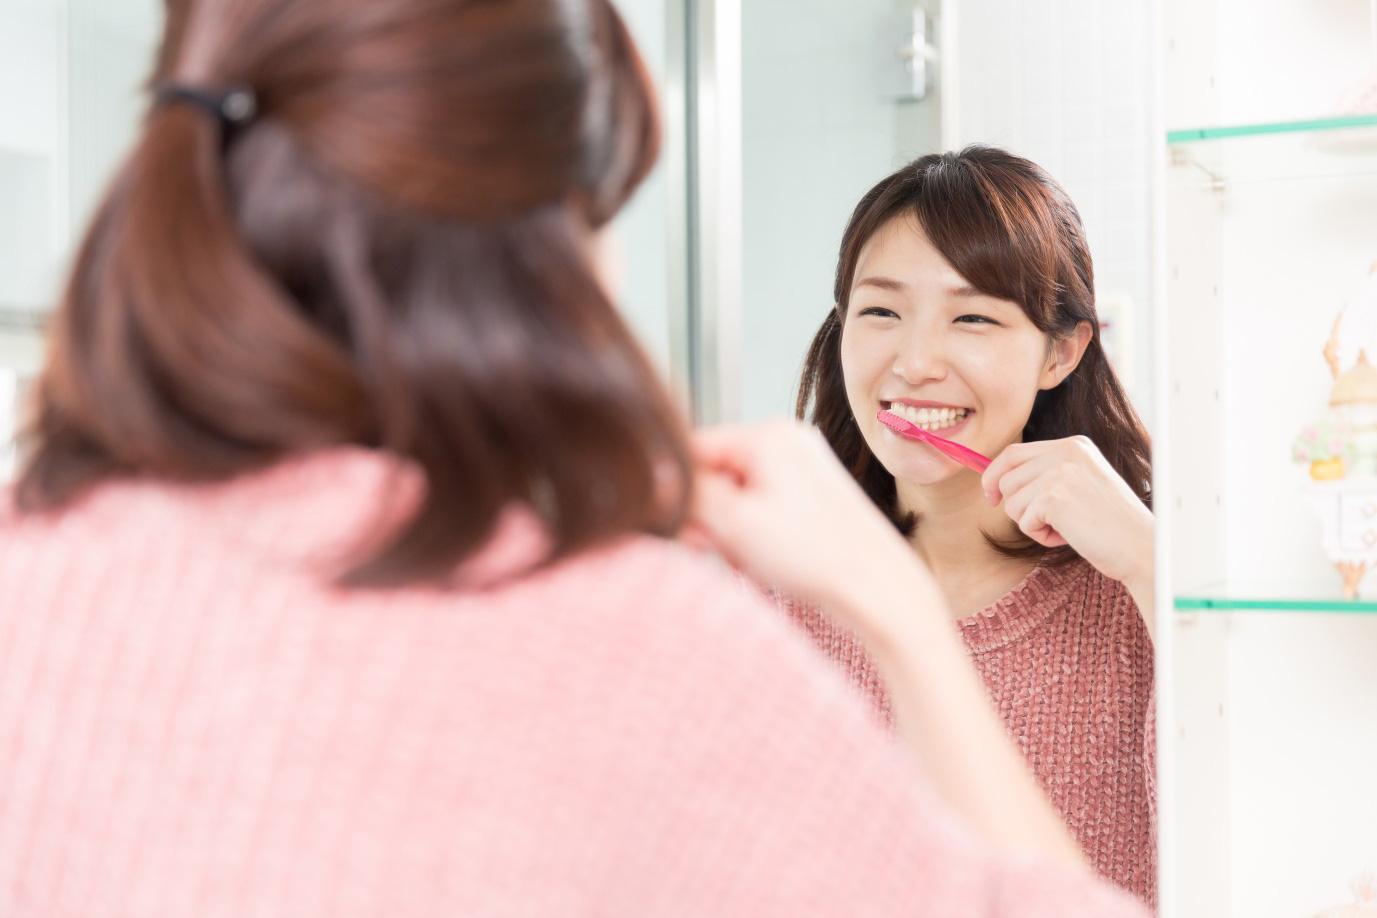 3 bí kíp đơn giản giúp răng giảm nhanh ê buốt, cho bạn thoải mái tận hưởng mùa lễ hội - Ảnh 2.